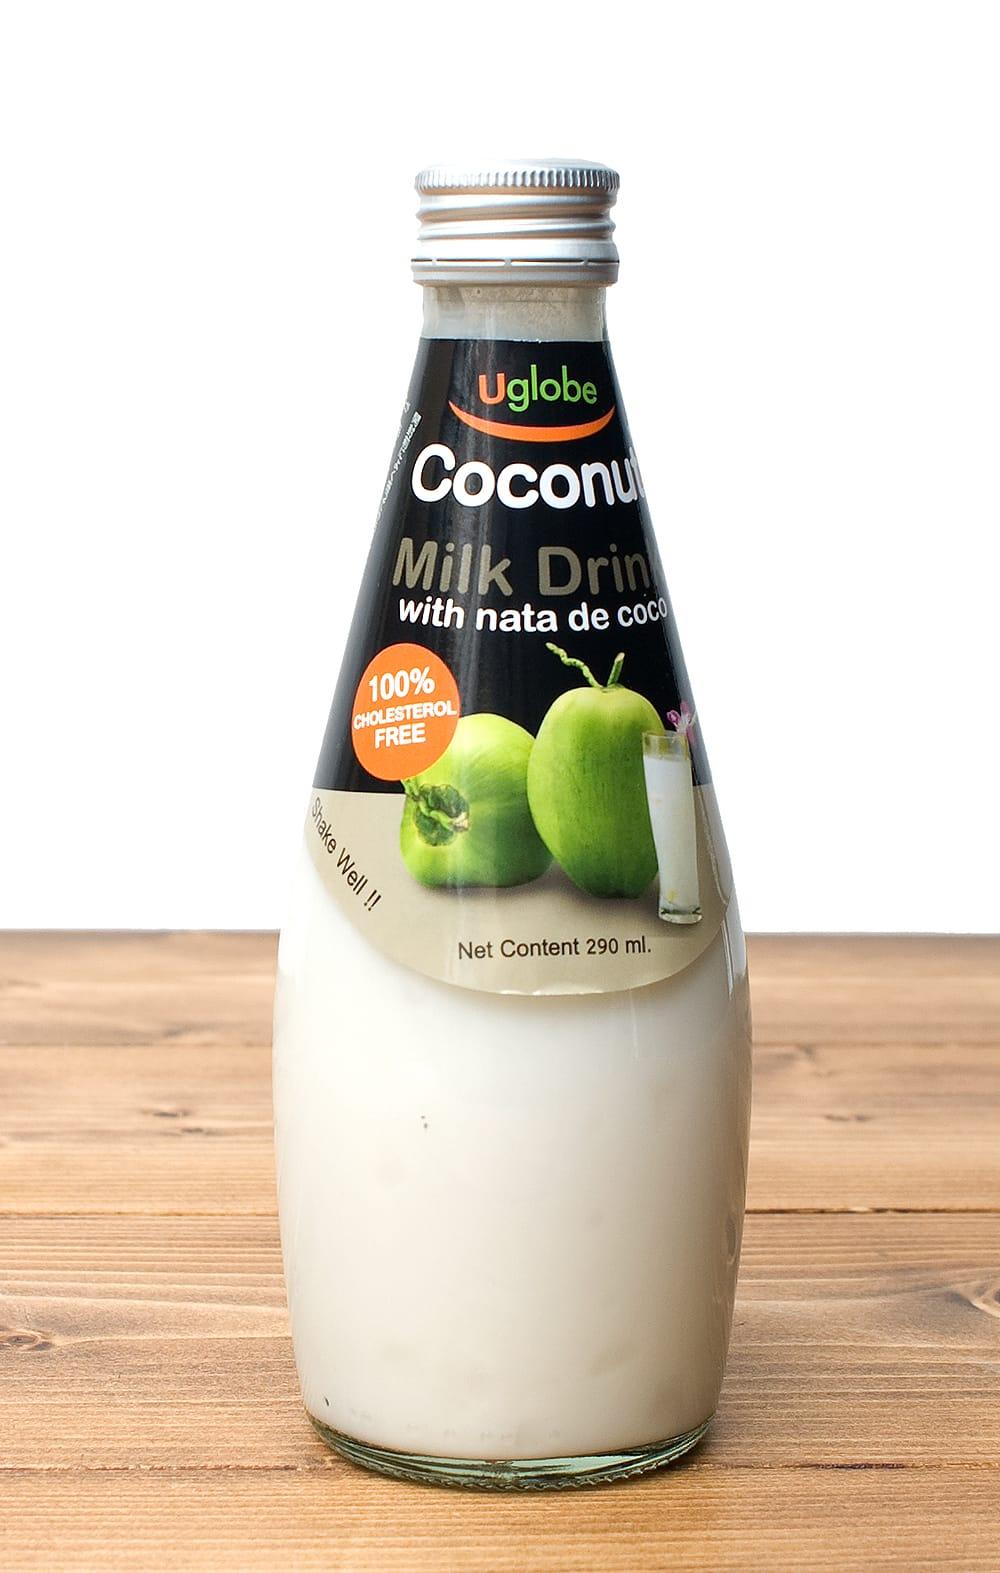 ココナッツミルクドリンク ナタデココ入り ‐ Coconut Milk Drink With Nata de coco 【U globe】の写真